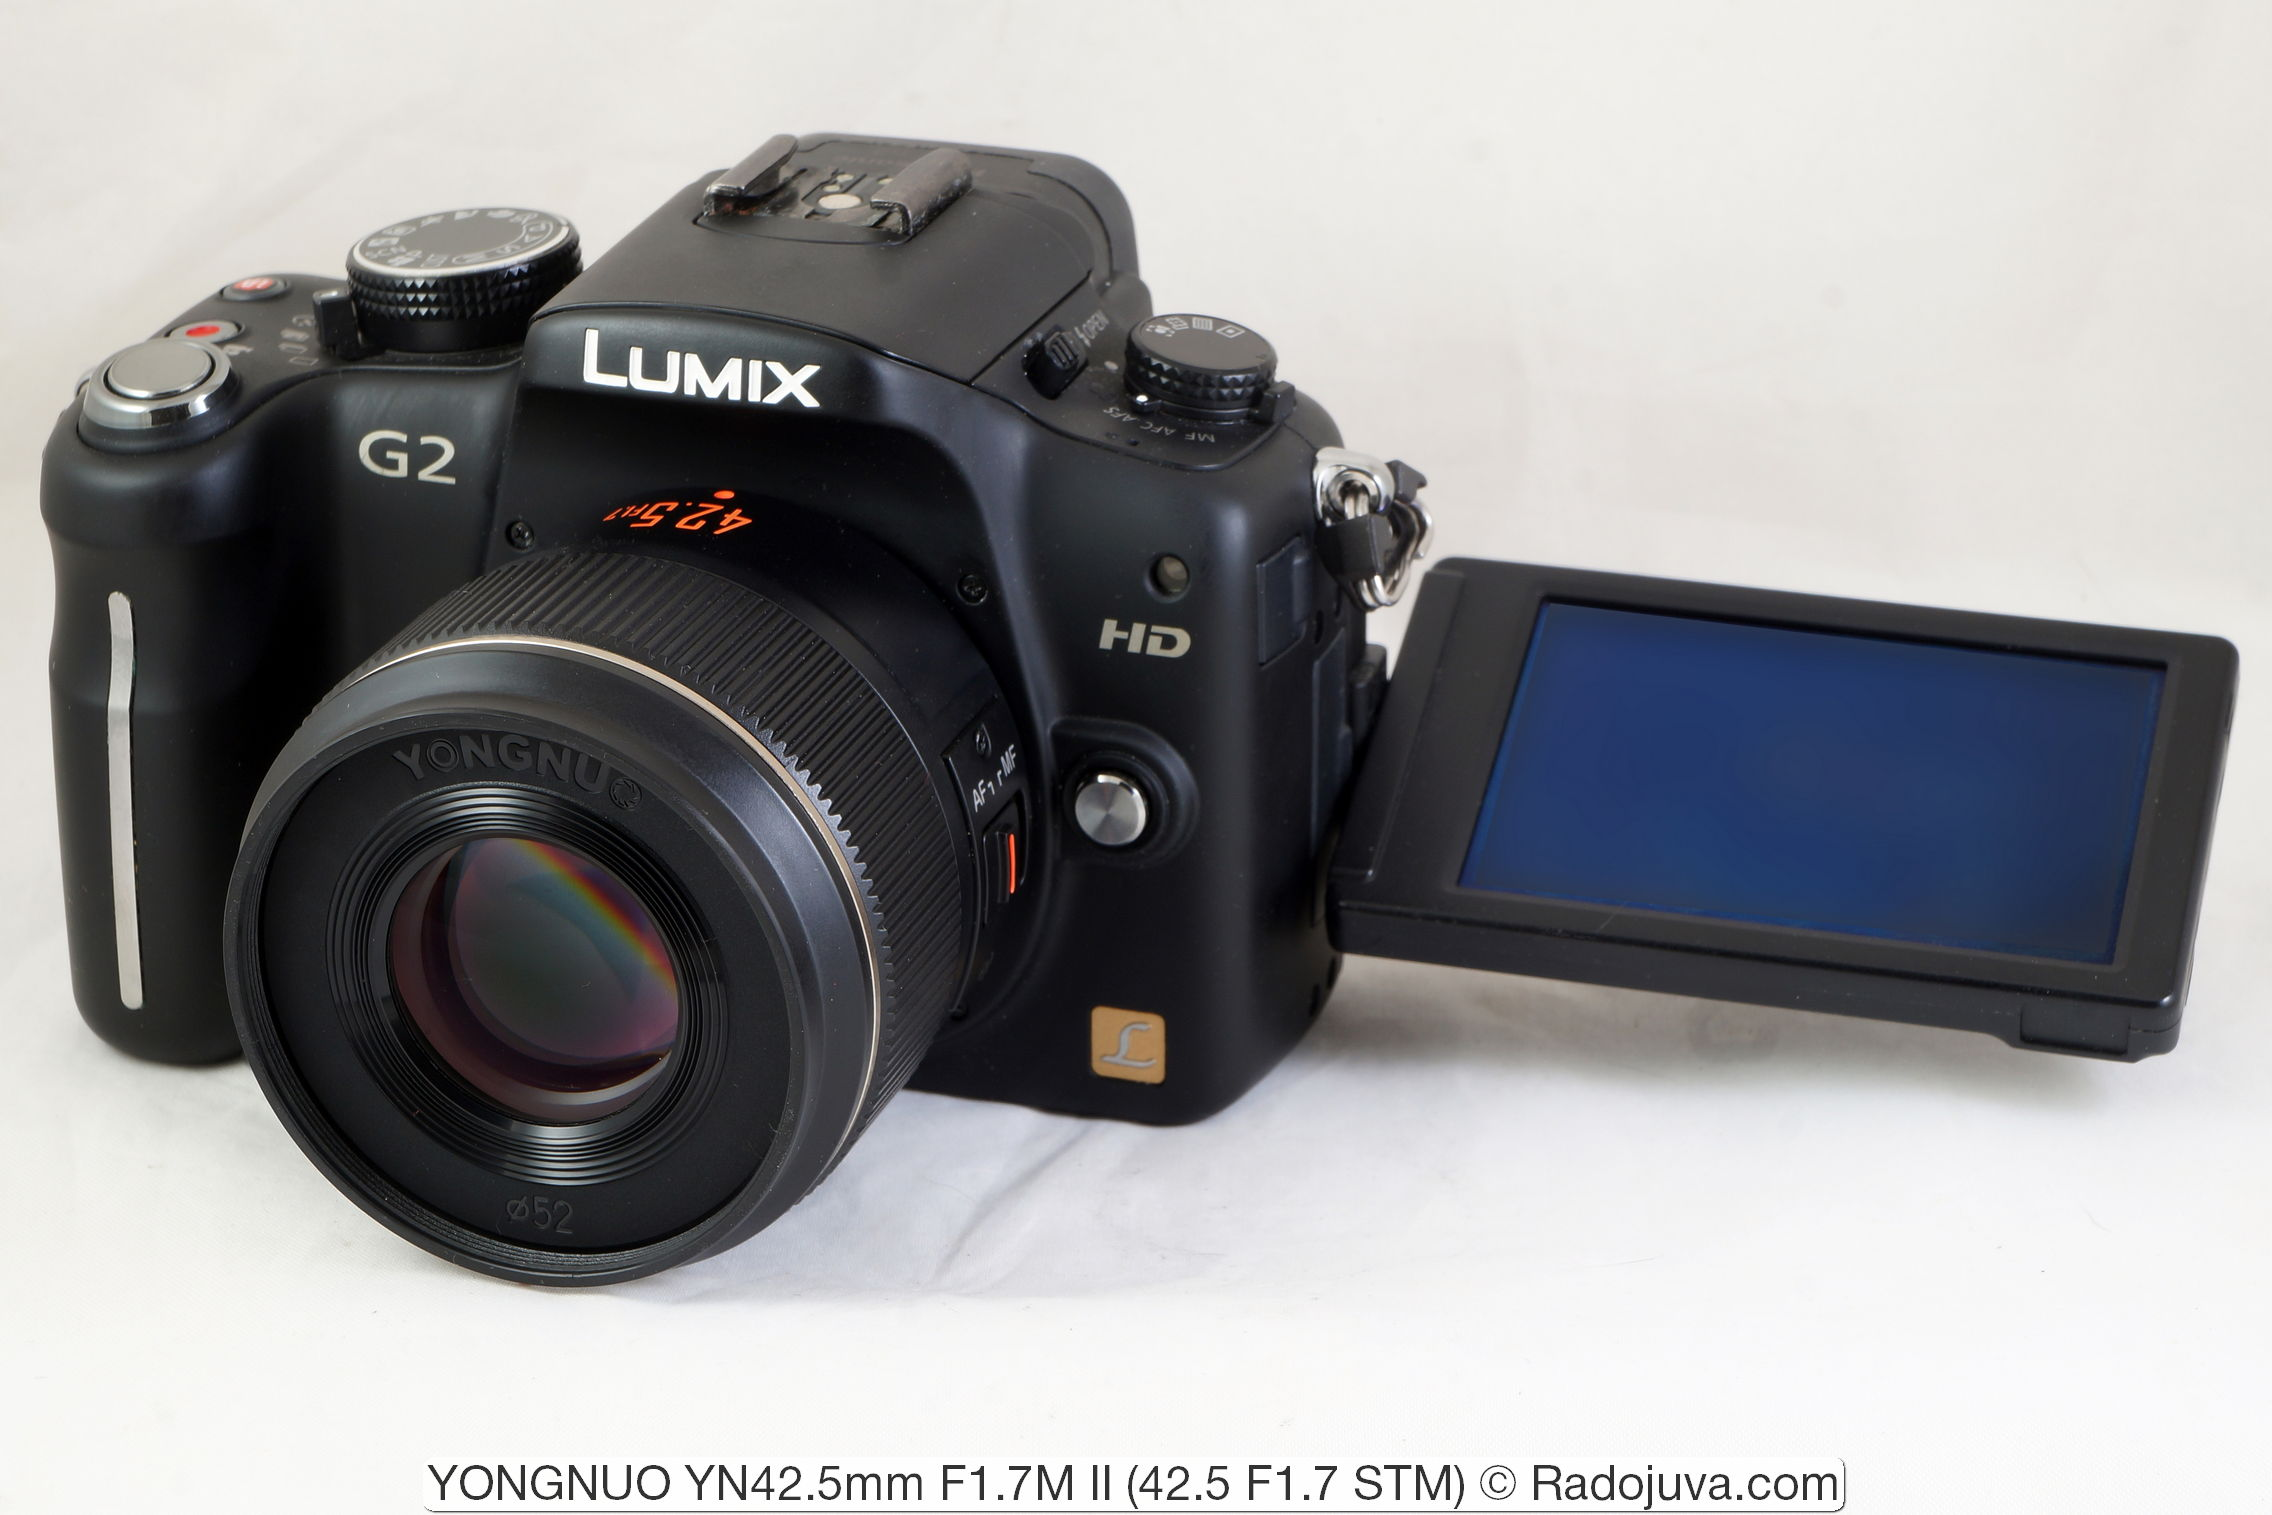 YONGNUO YN42.5mm F1.7M II (42.5 F1.7 STM)